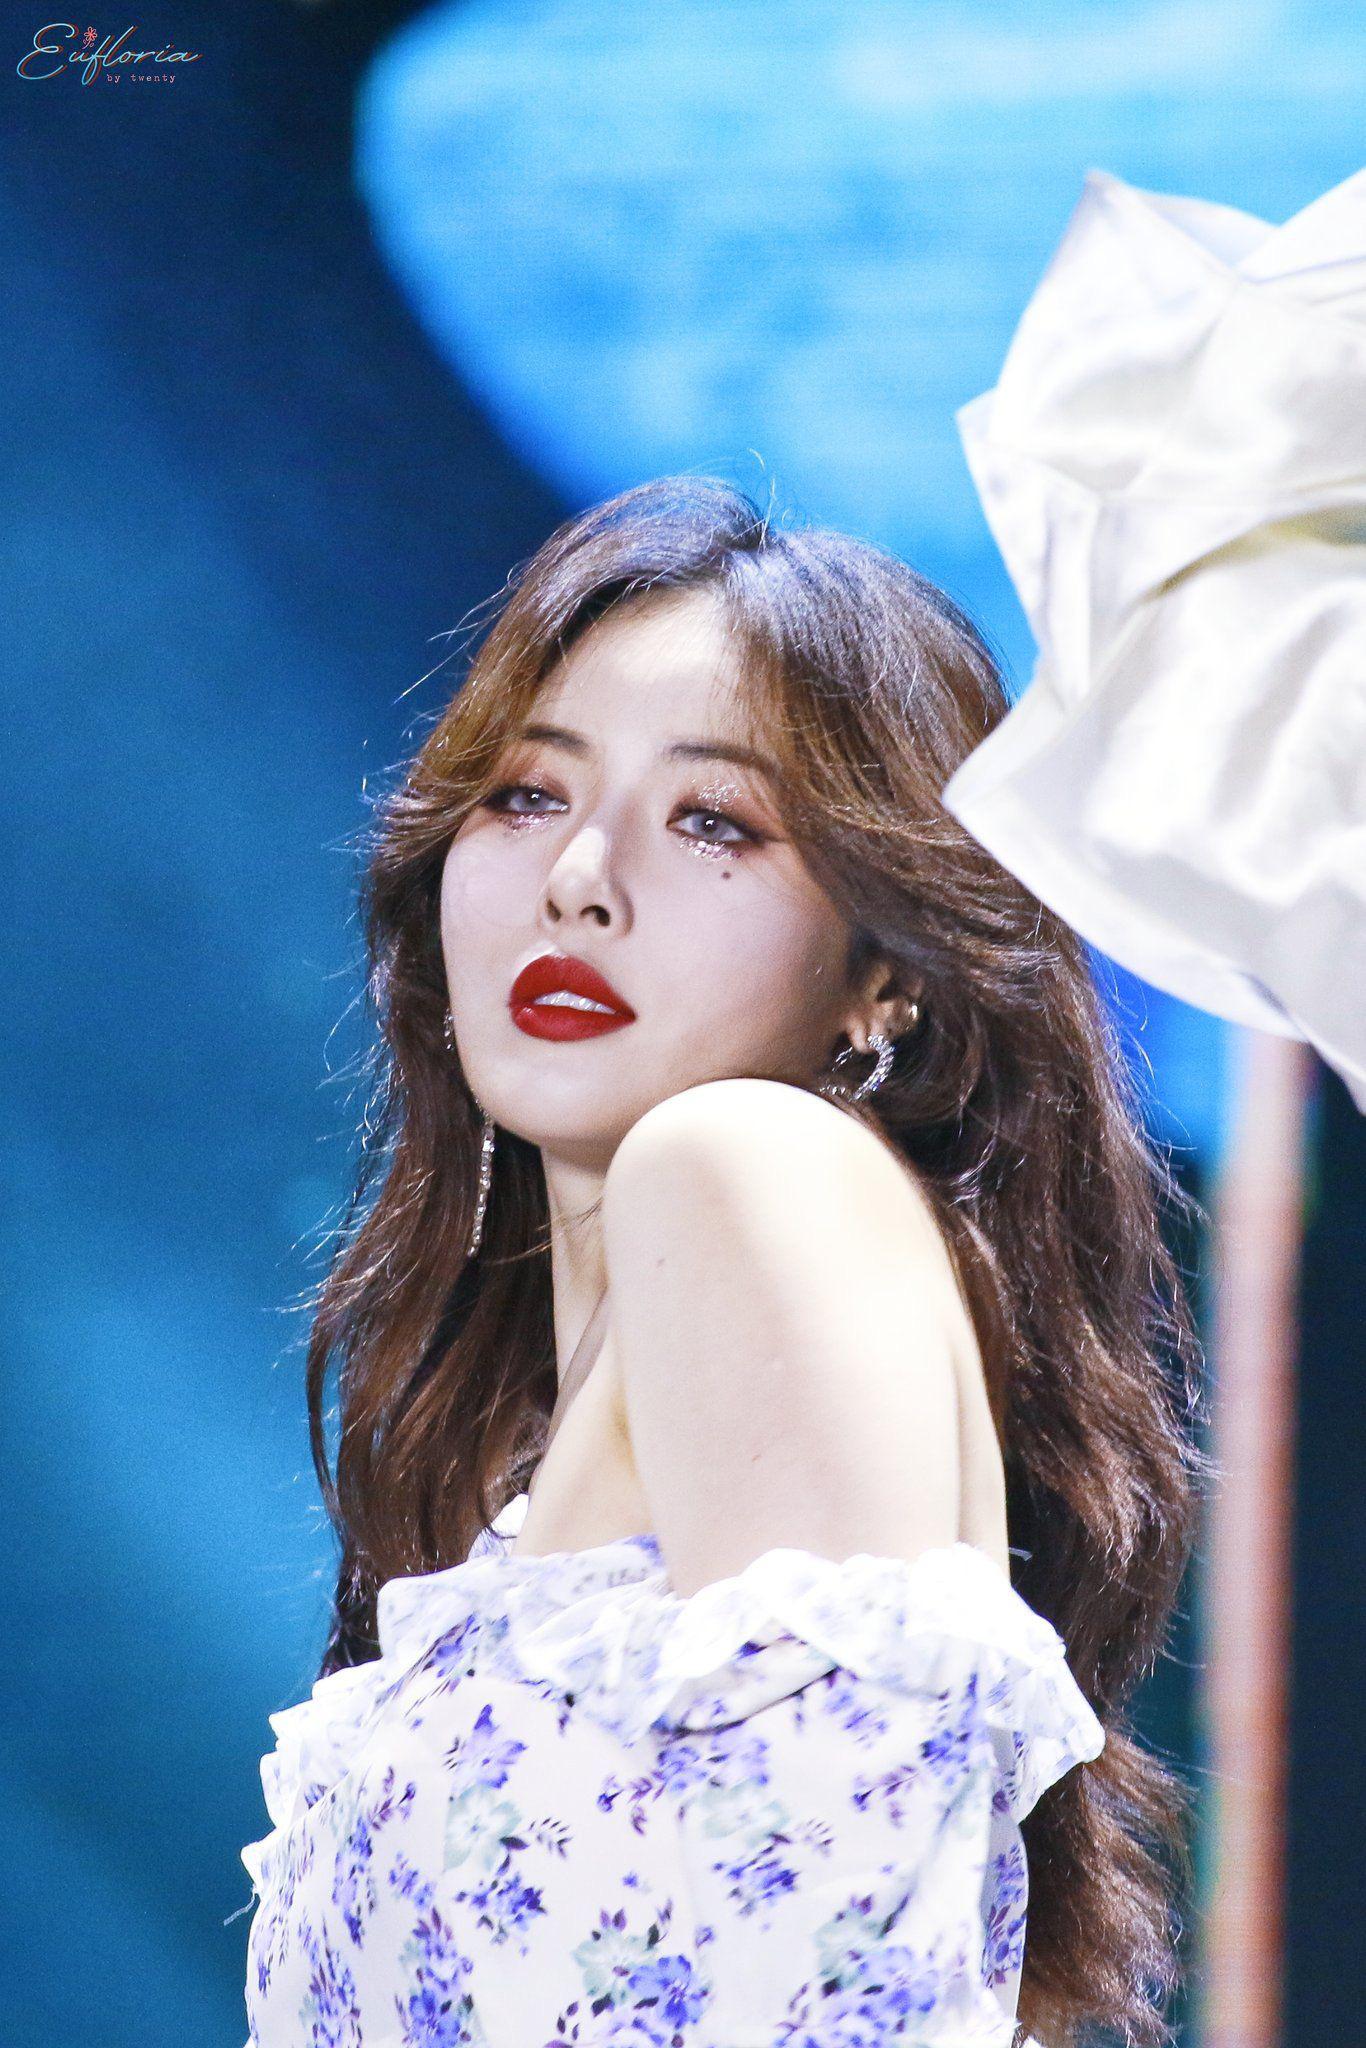 9 mỹ nhân có thân hình quyến rũ nhất sân khấu Hàn Quốc - Ảnh 2.